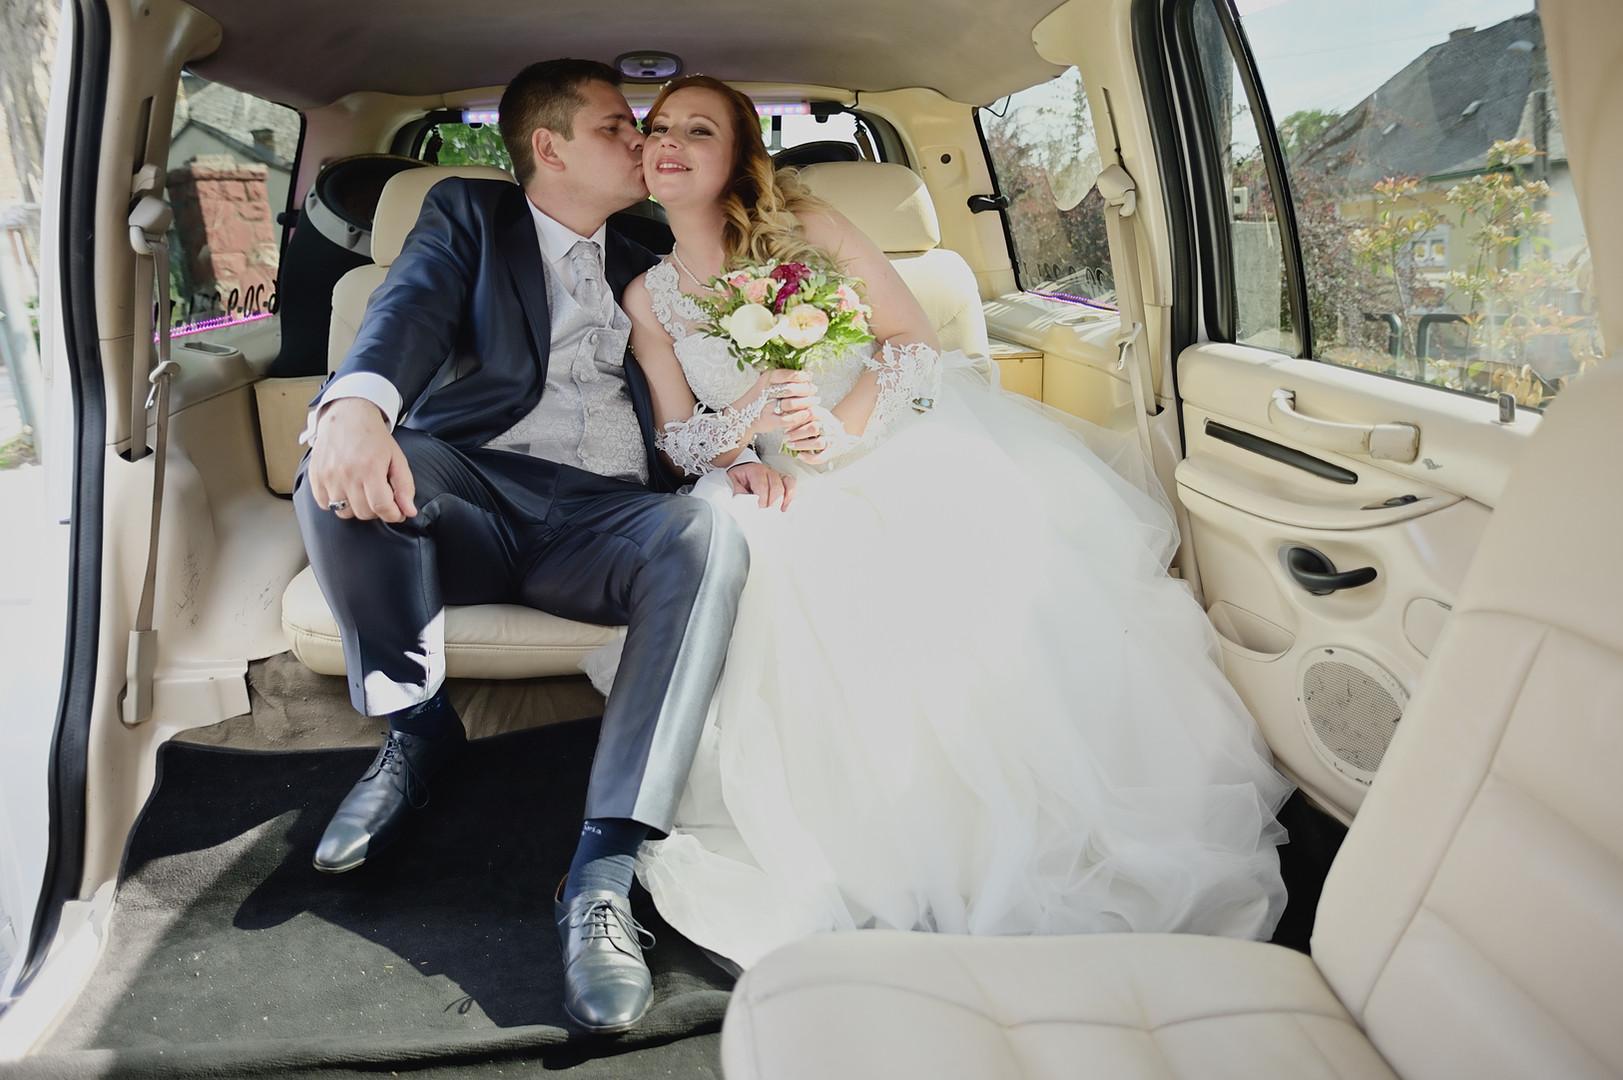 382  Esküvői fotózás - Enikő és Peti KRE